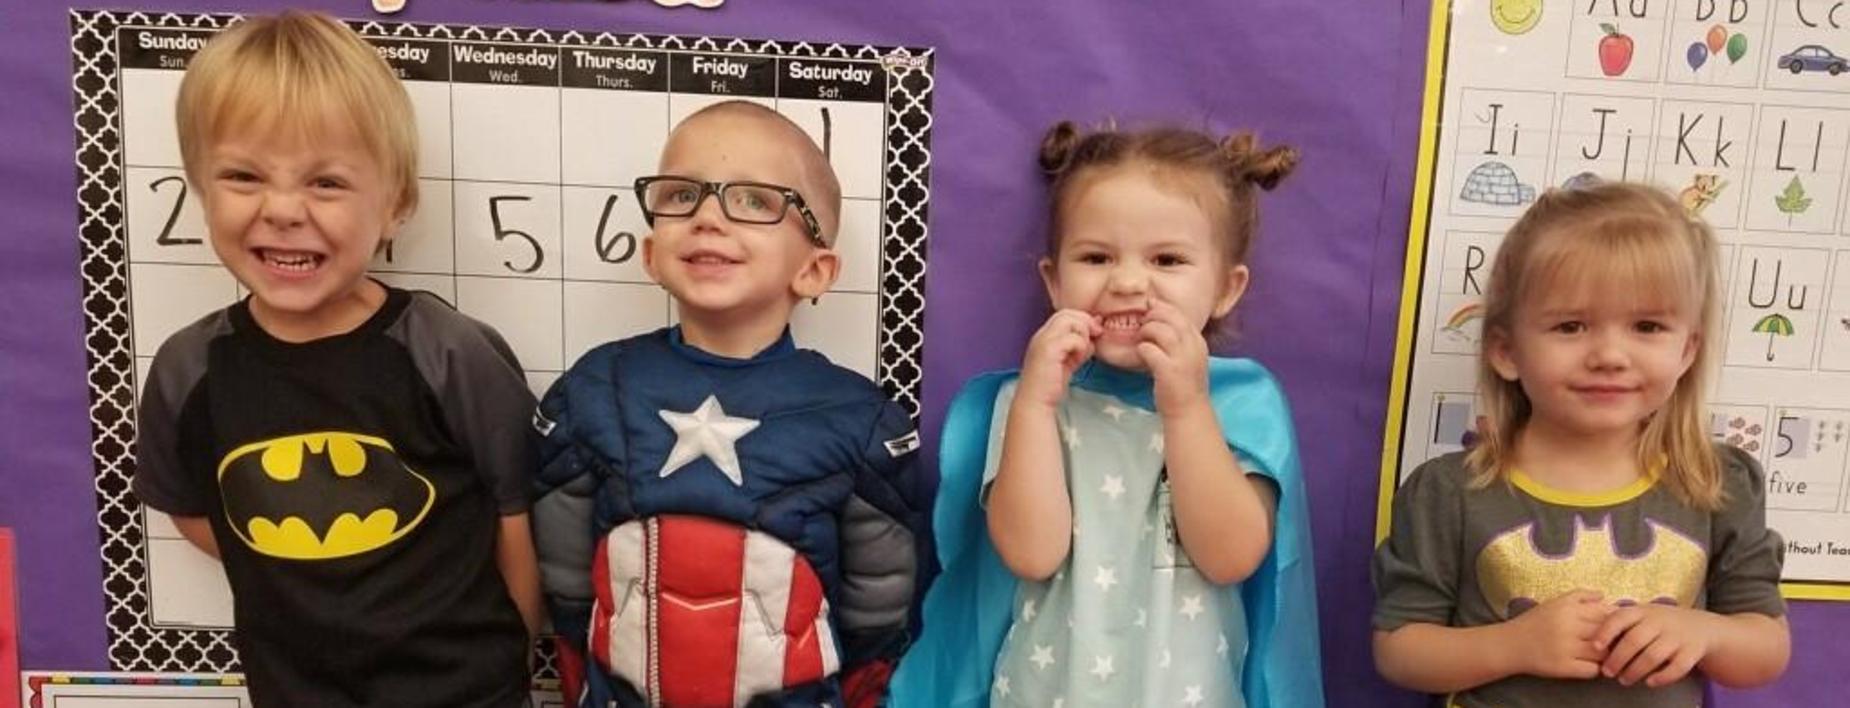 Super Heros at the ECC